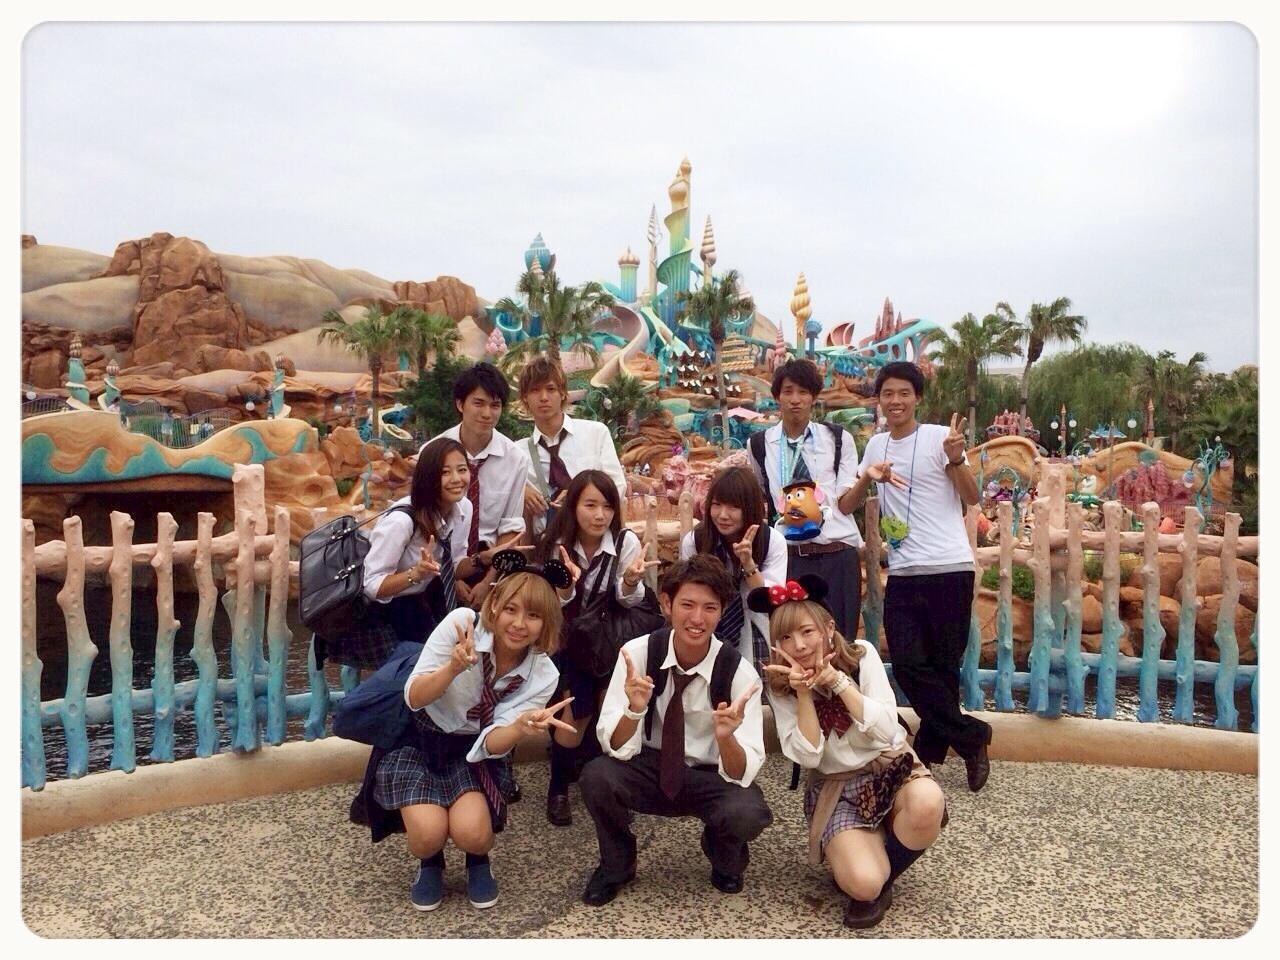 制服ディズニー! | ミスター武蔵野コンテスト2014 entryno.4 沼田拓海